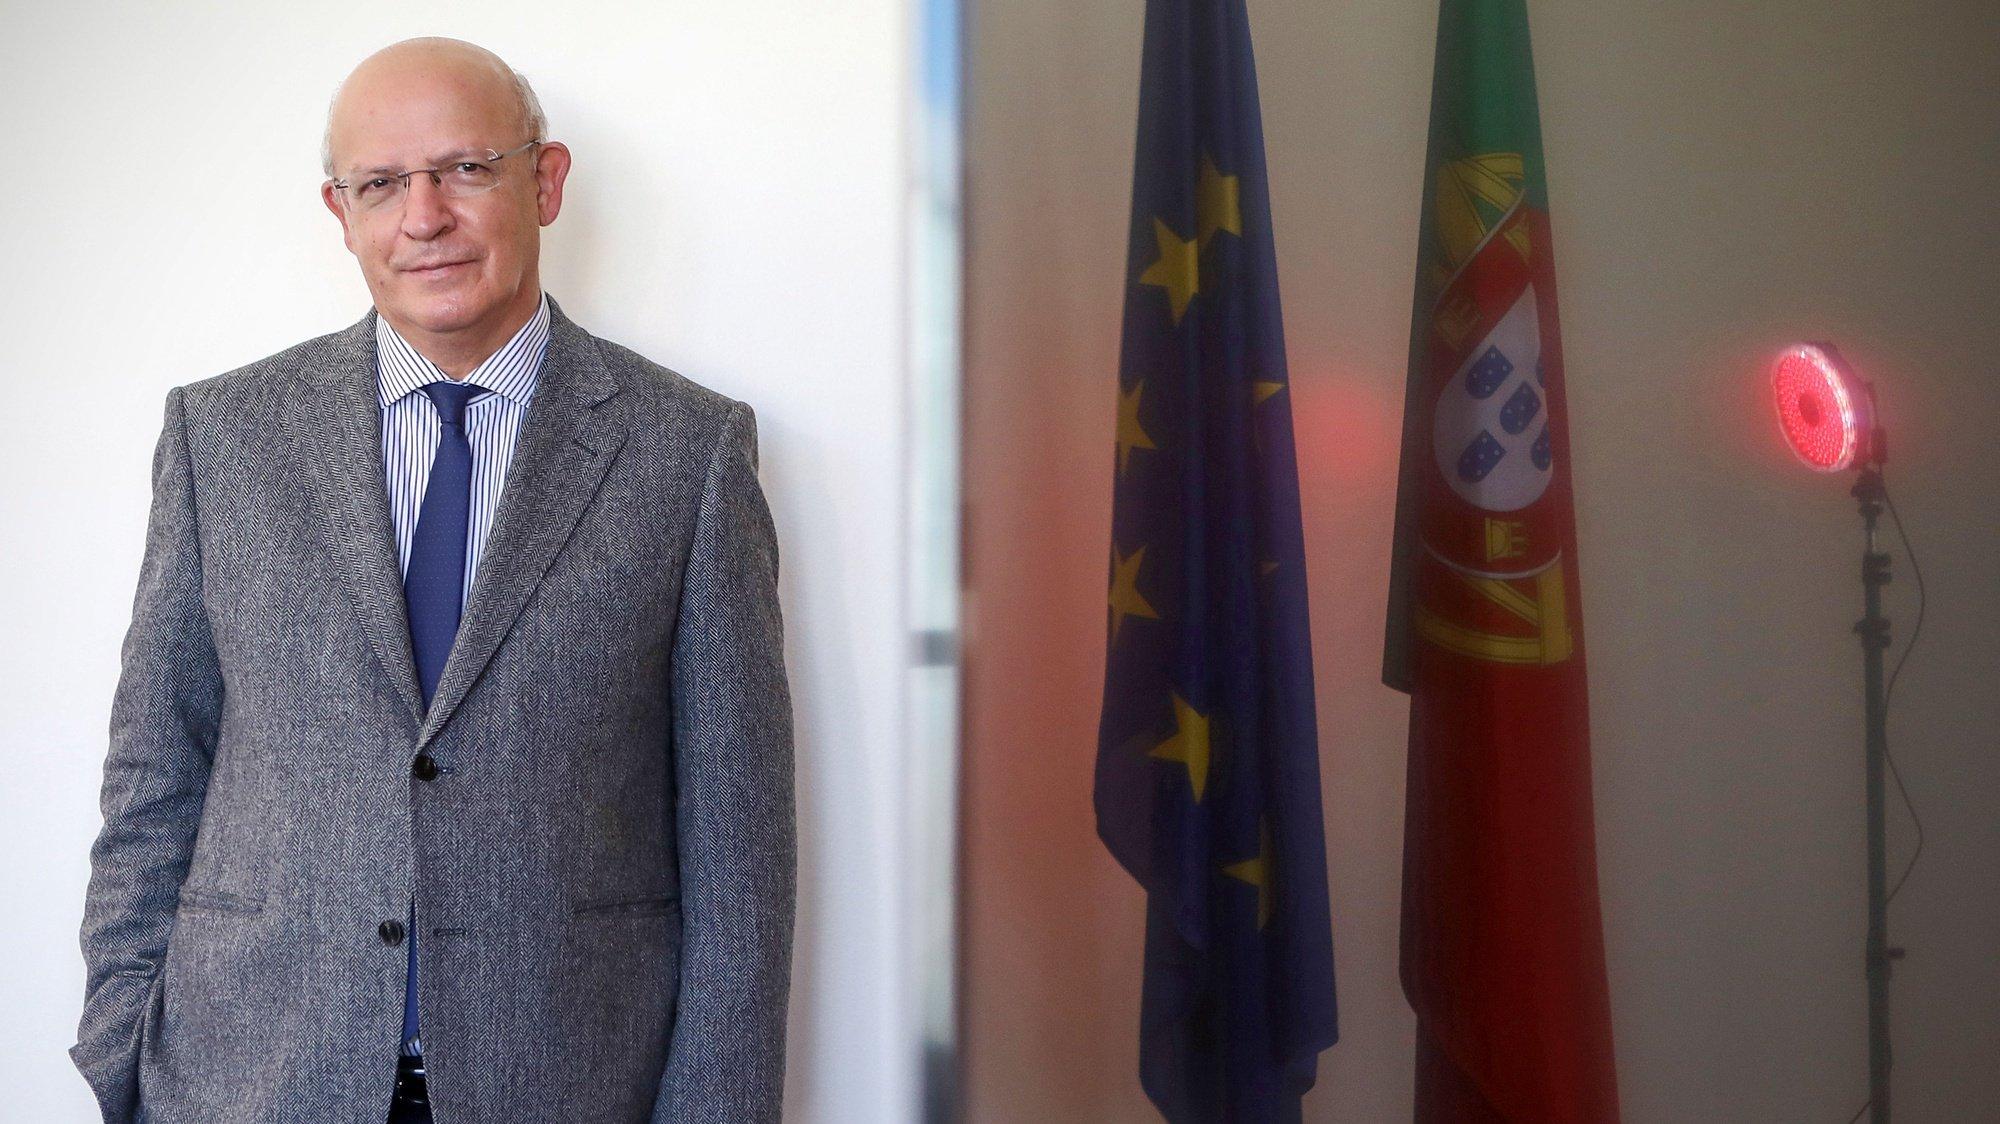 O ministro dos Negócios Estrangeiros, Augusto Santos Silva, posa para a fotografia durante uma entrevista no Centro Cultural de Belém, no âmbito da Presidência da União Europeia (PPUE2021) que Portugal assumirá no dia 1 de janeiro de 2021, sucedendo à Alemanha, em Lisboa, 15 de dezembro de 2020. (ACOMPANHA TEXTO DE 16/12/2020)  ANTÓNIO PEDRO SANTOS/LUSA